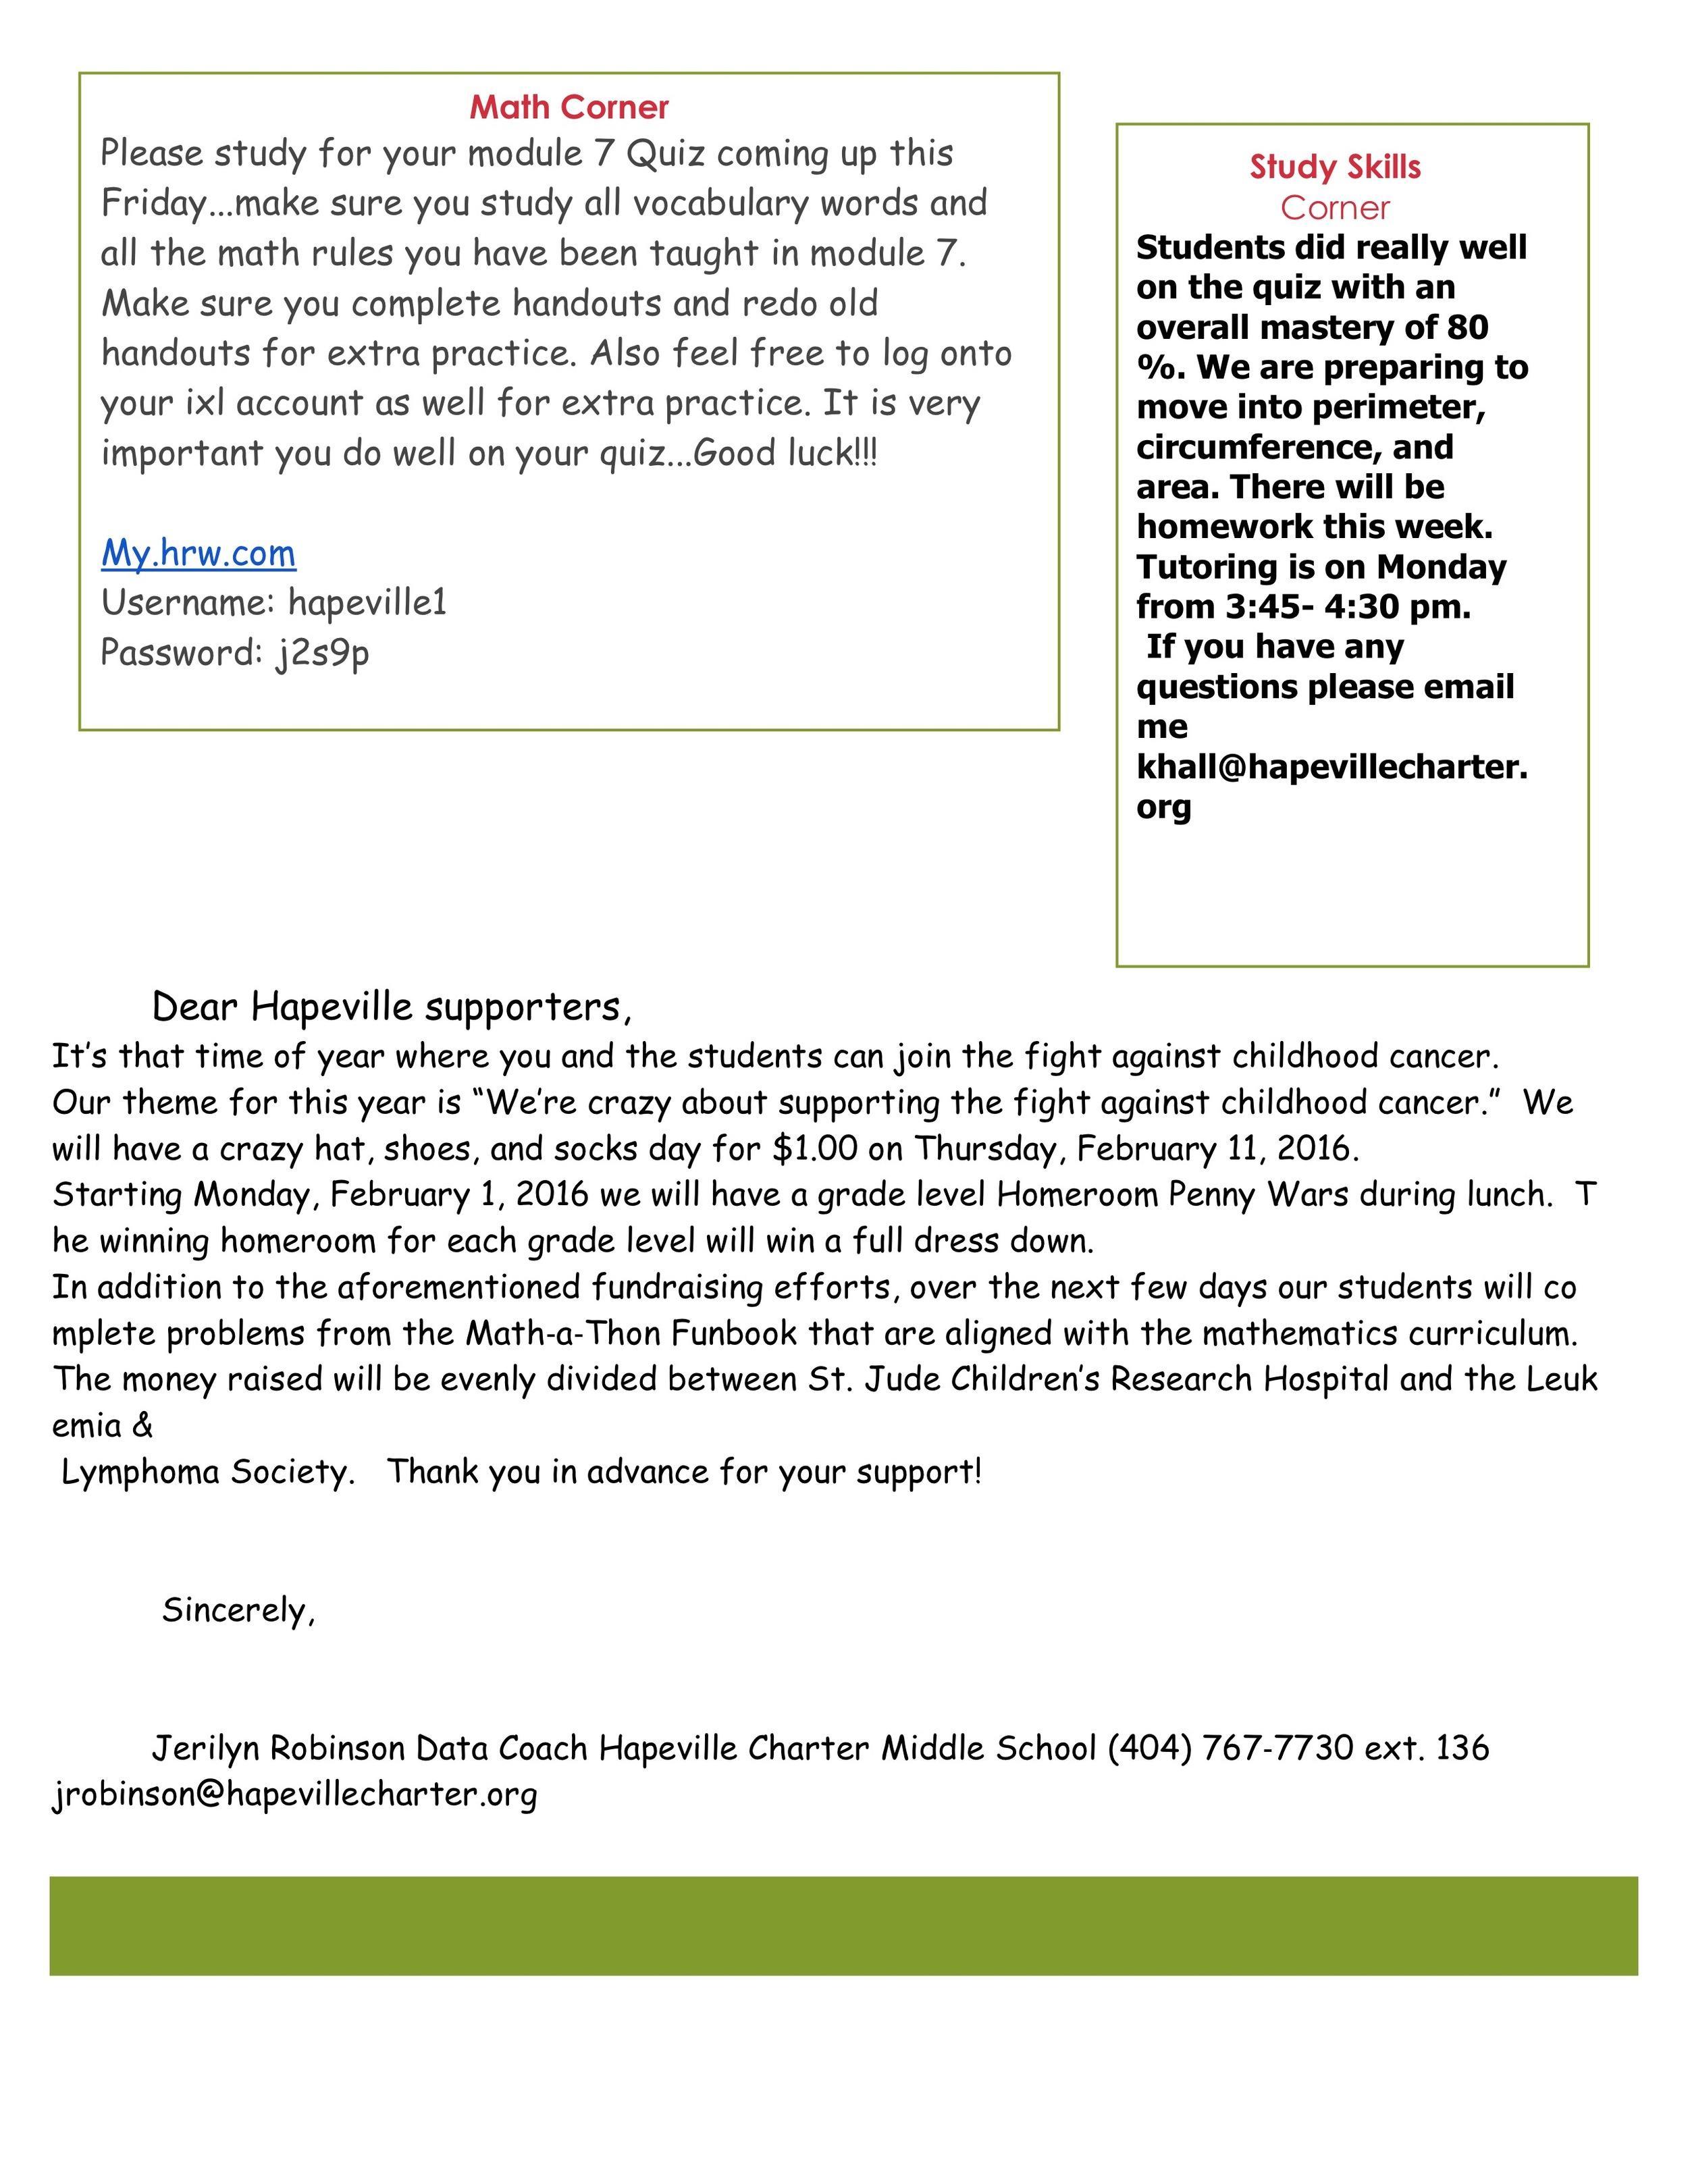 Newsletter Image7th-grade-February-2 2.jpeg